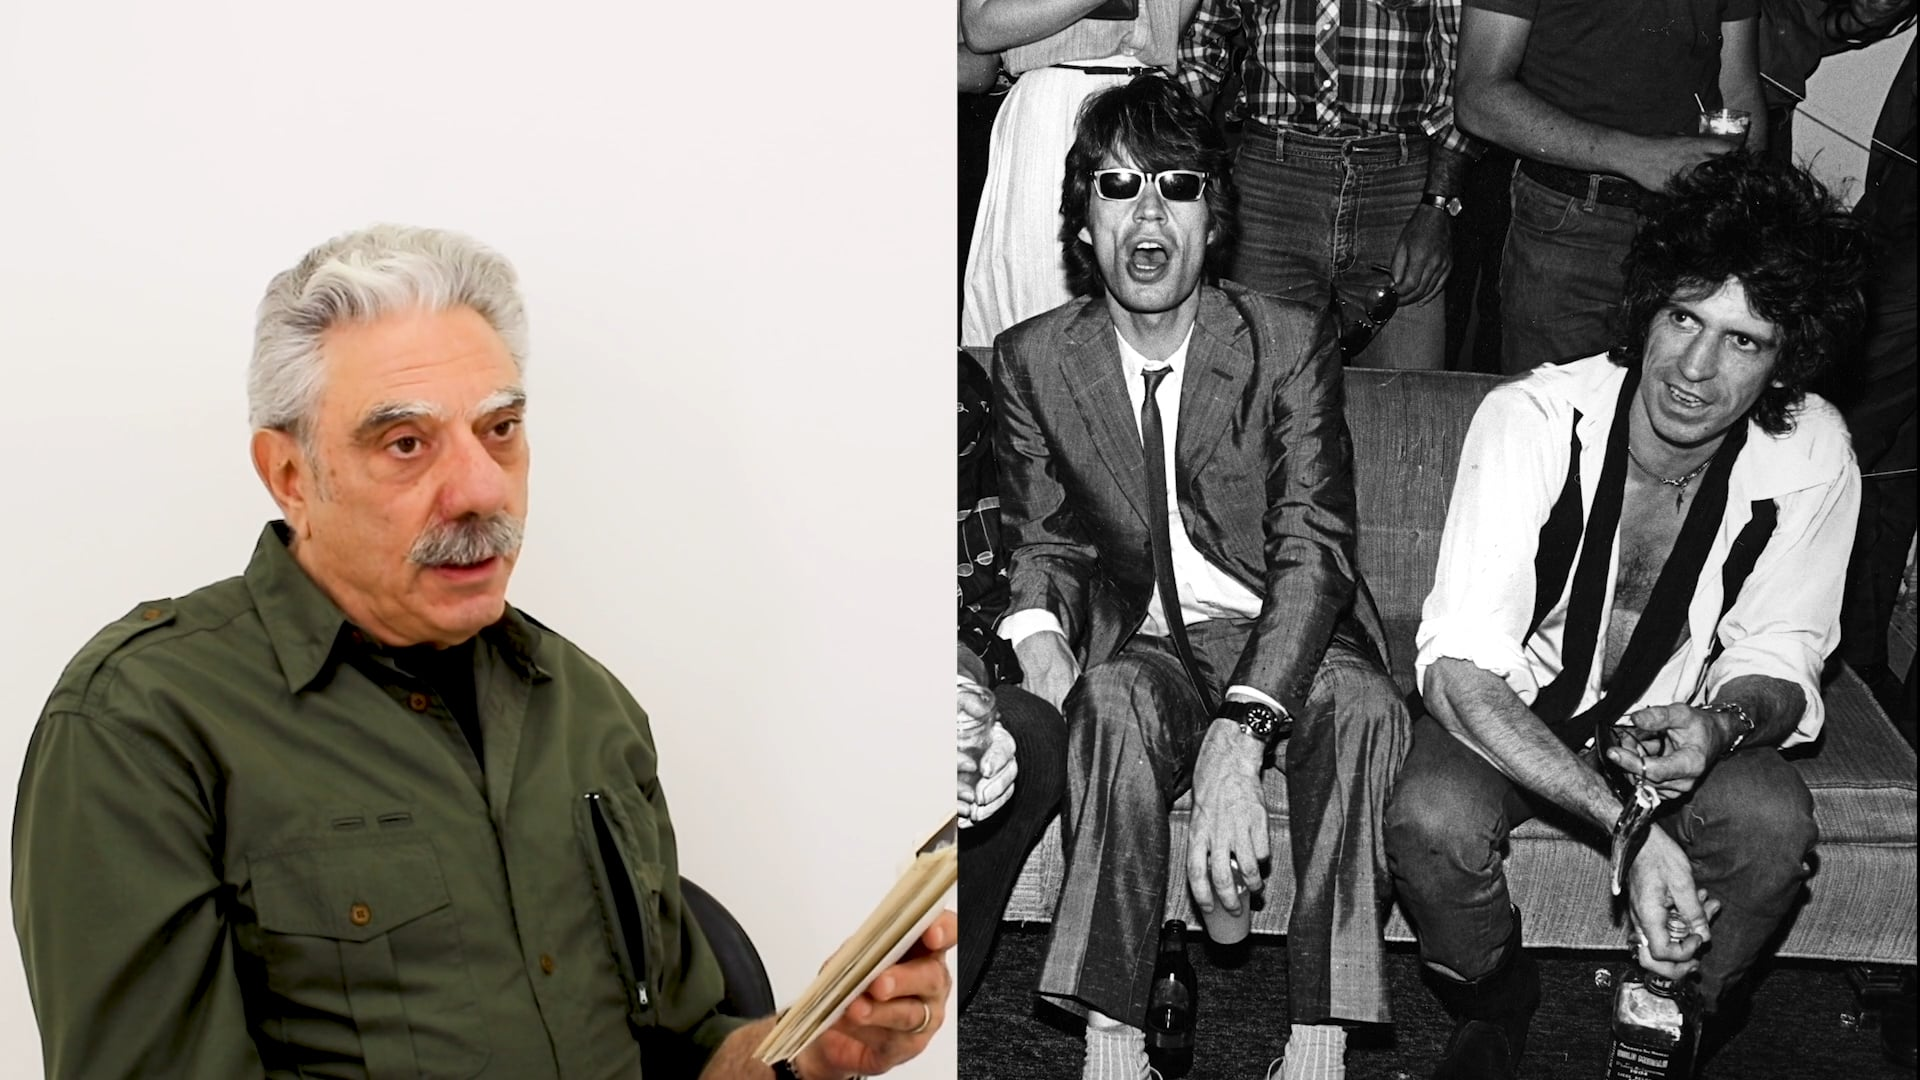 Photographer Allan Tannenbaum discusses Rolling Stones